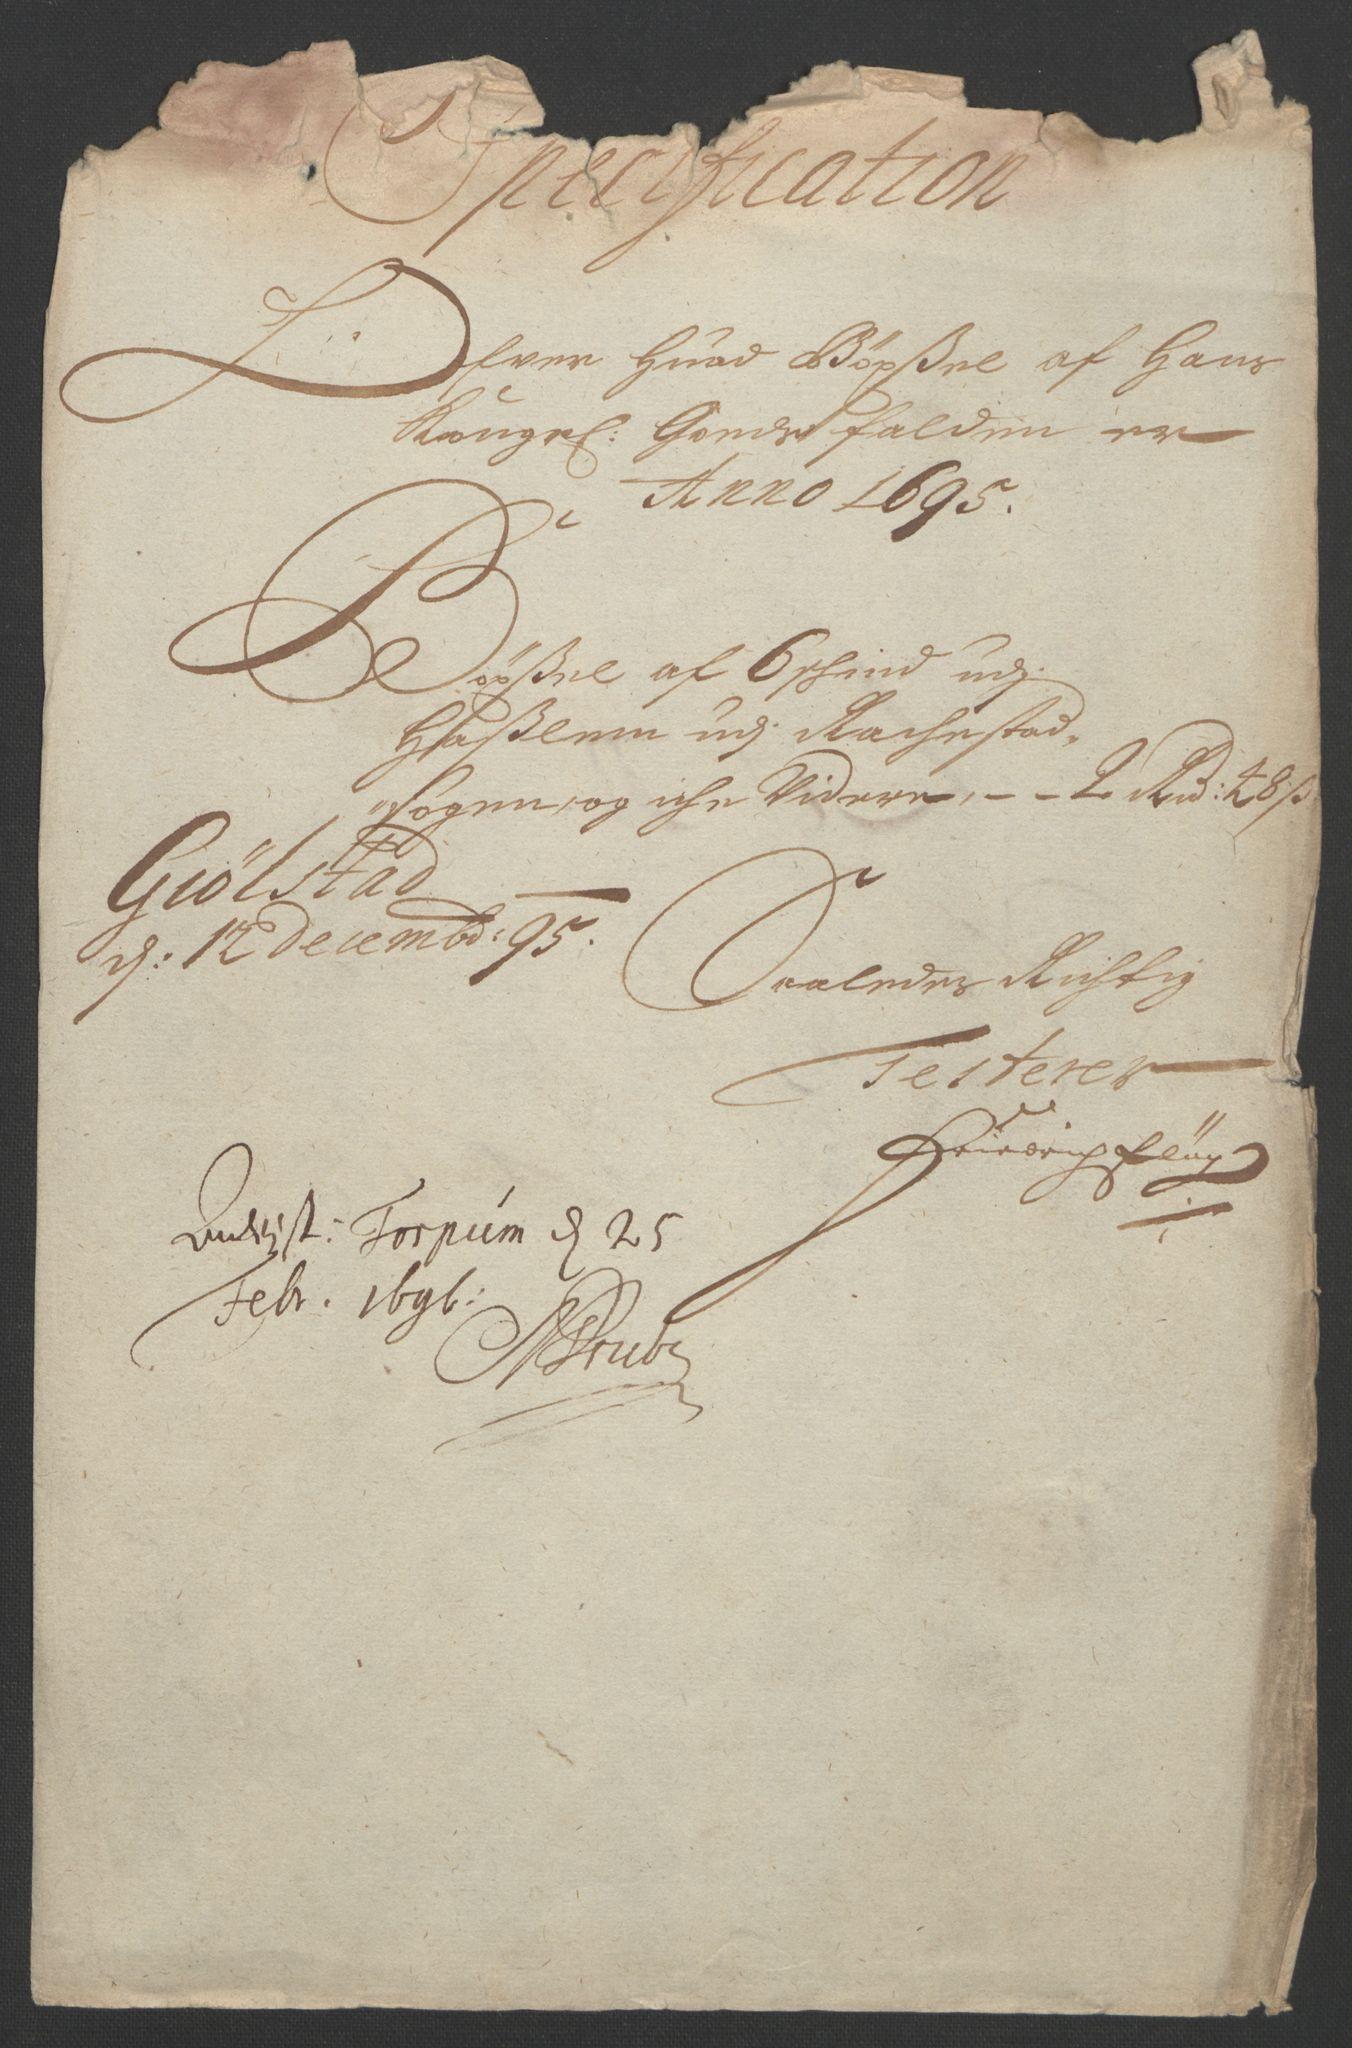 RA, Rentekammeret inntil 1814, Reviderte regnskaper, Fogderegnskap, R07/L0285: Fogderegnskap Rakkestad, Heggen og Frøland, 1695, s. 21